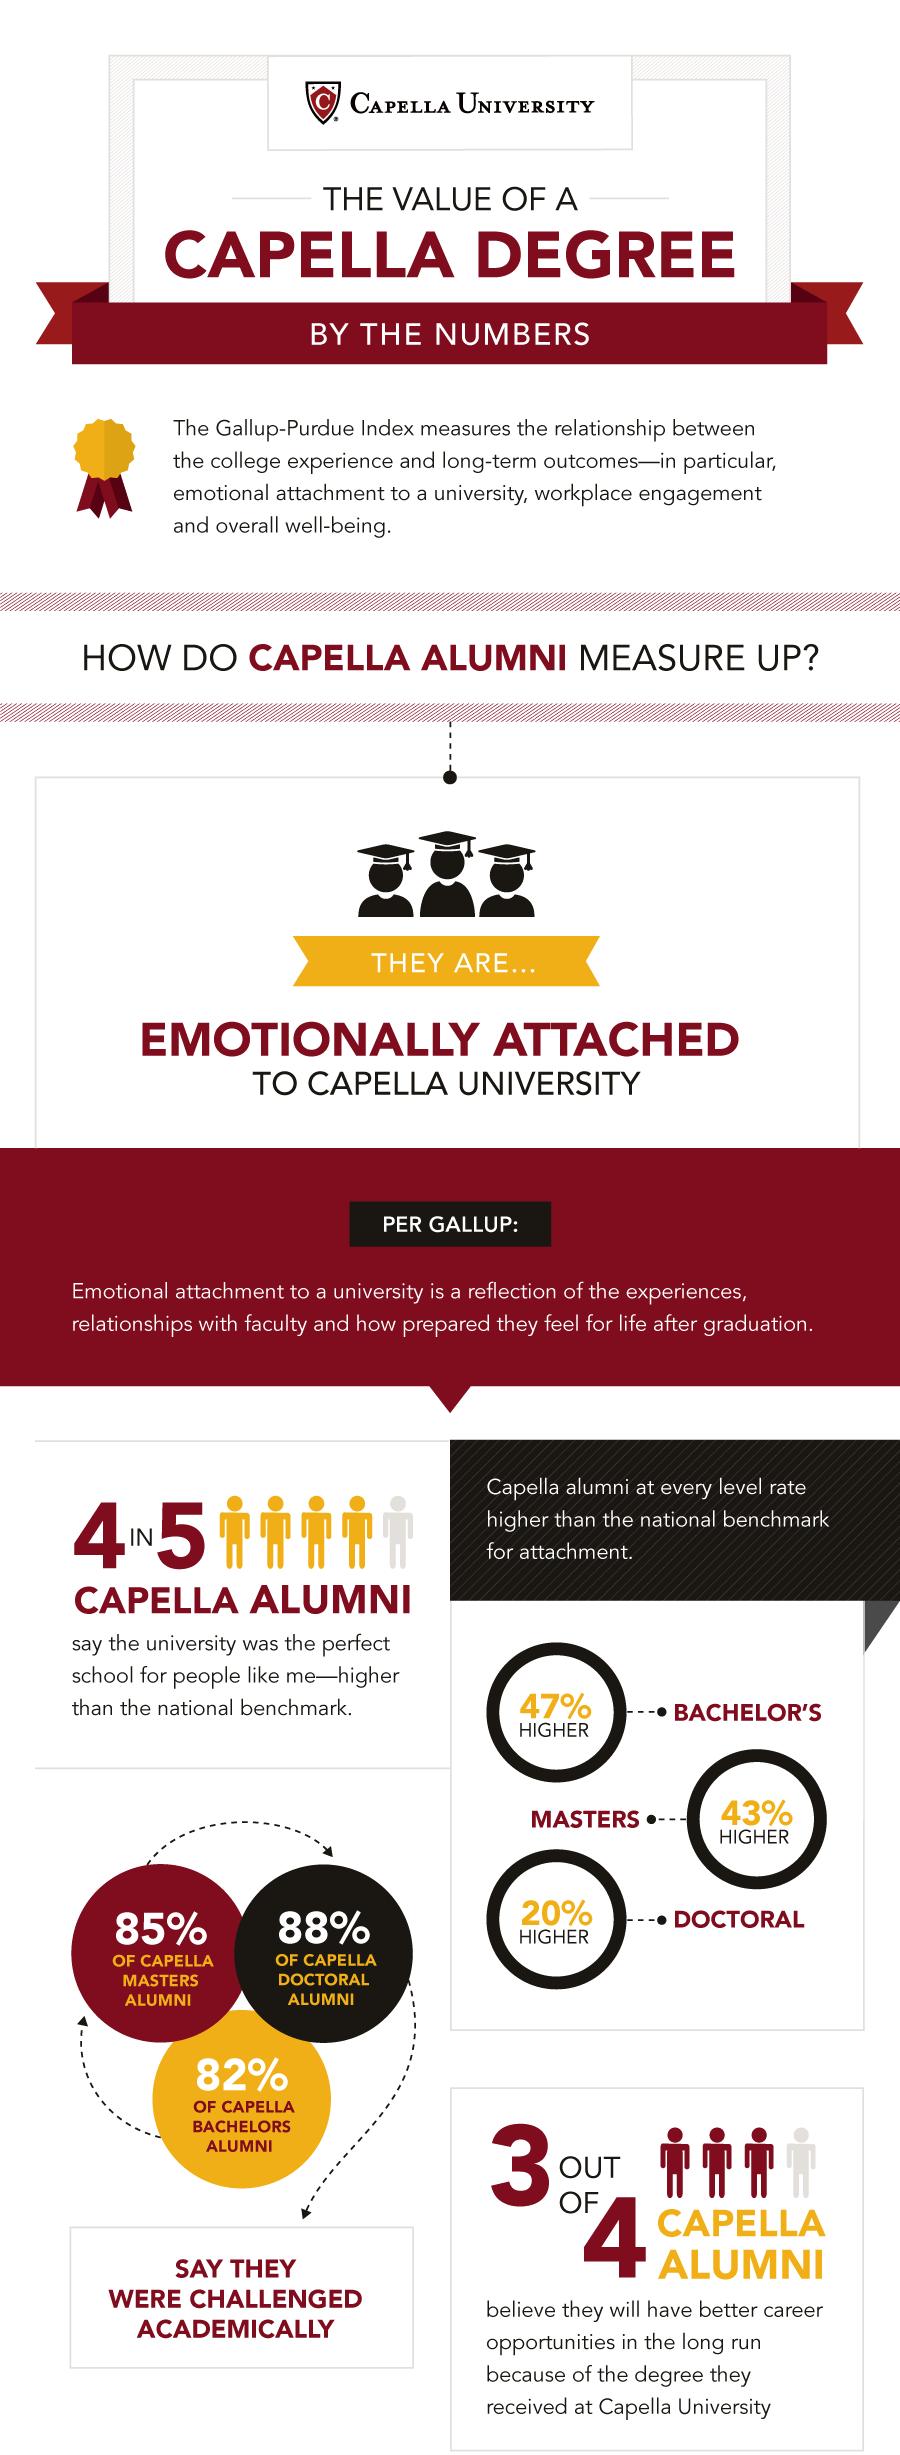 CapellaDegree_infographic_1